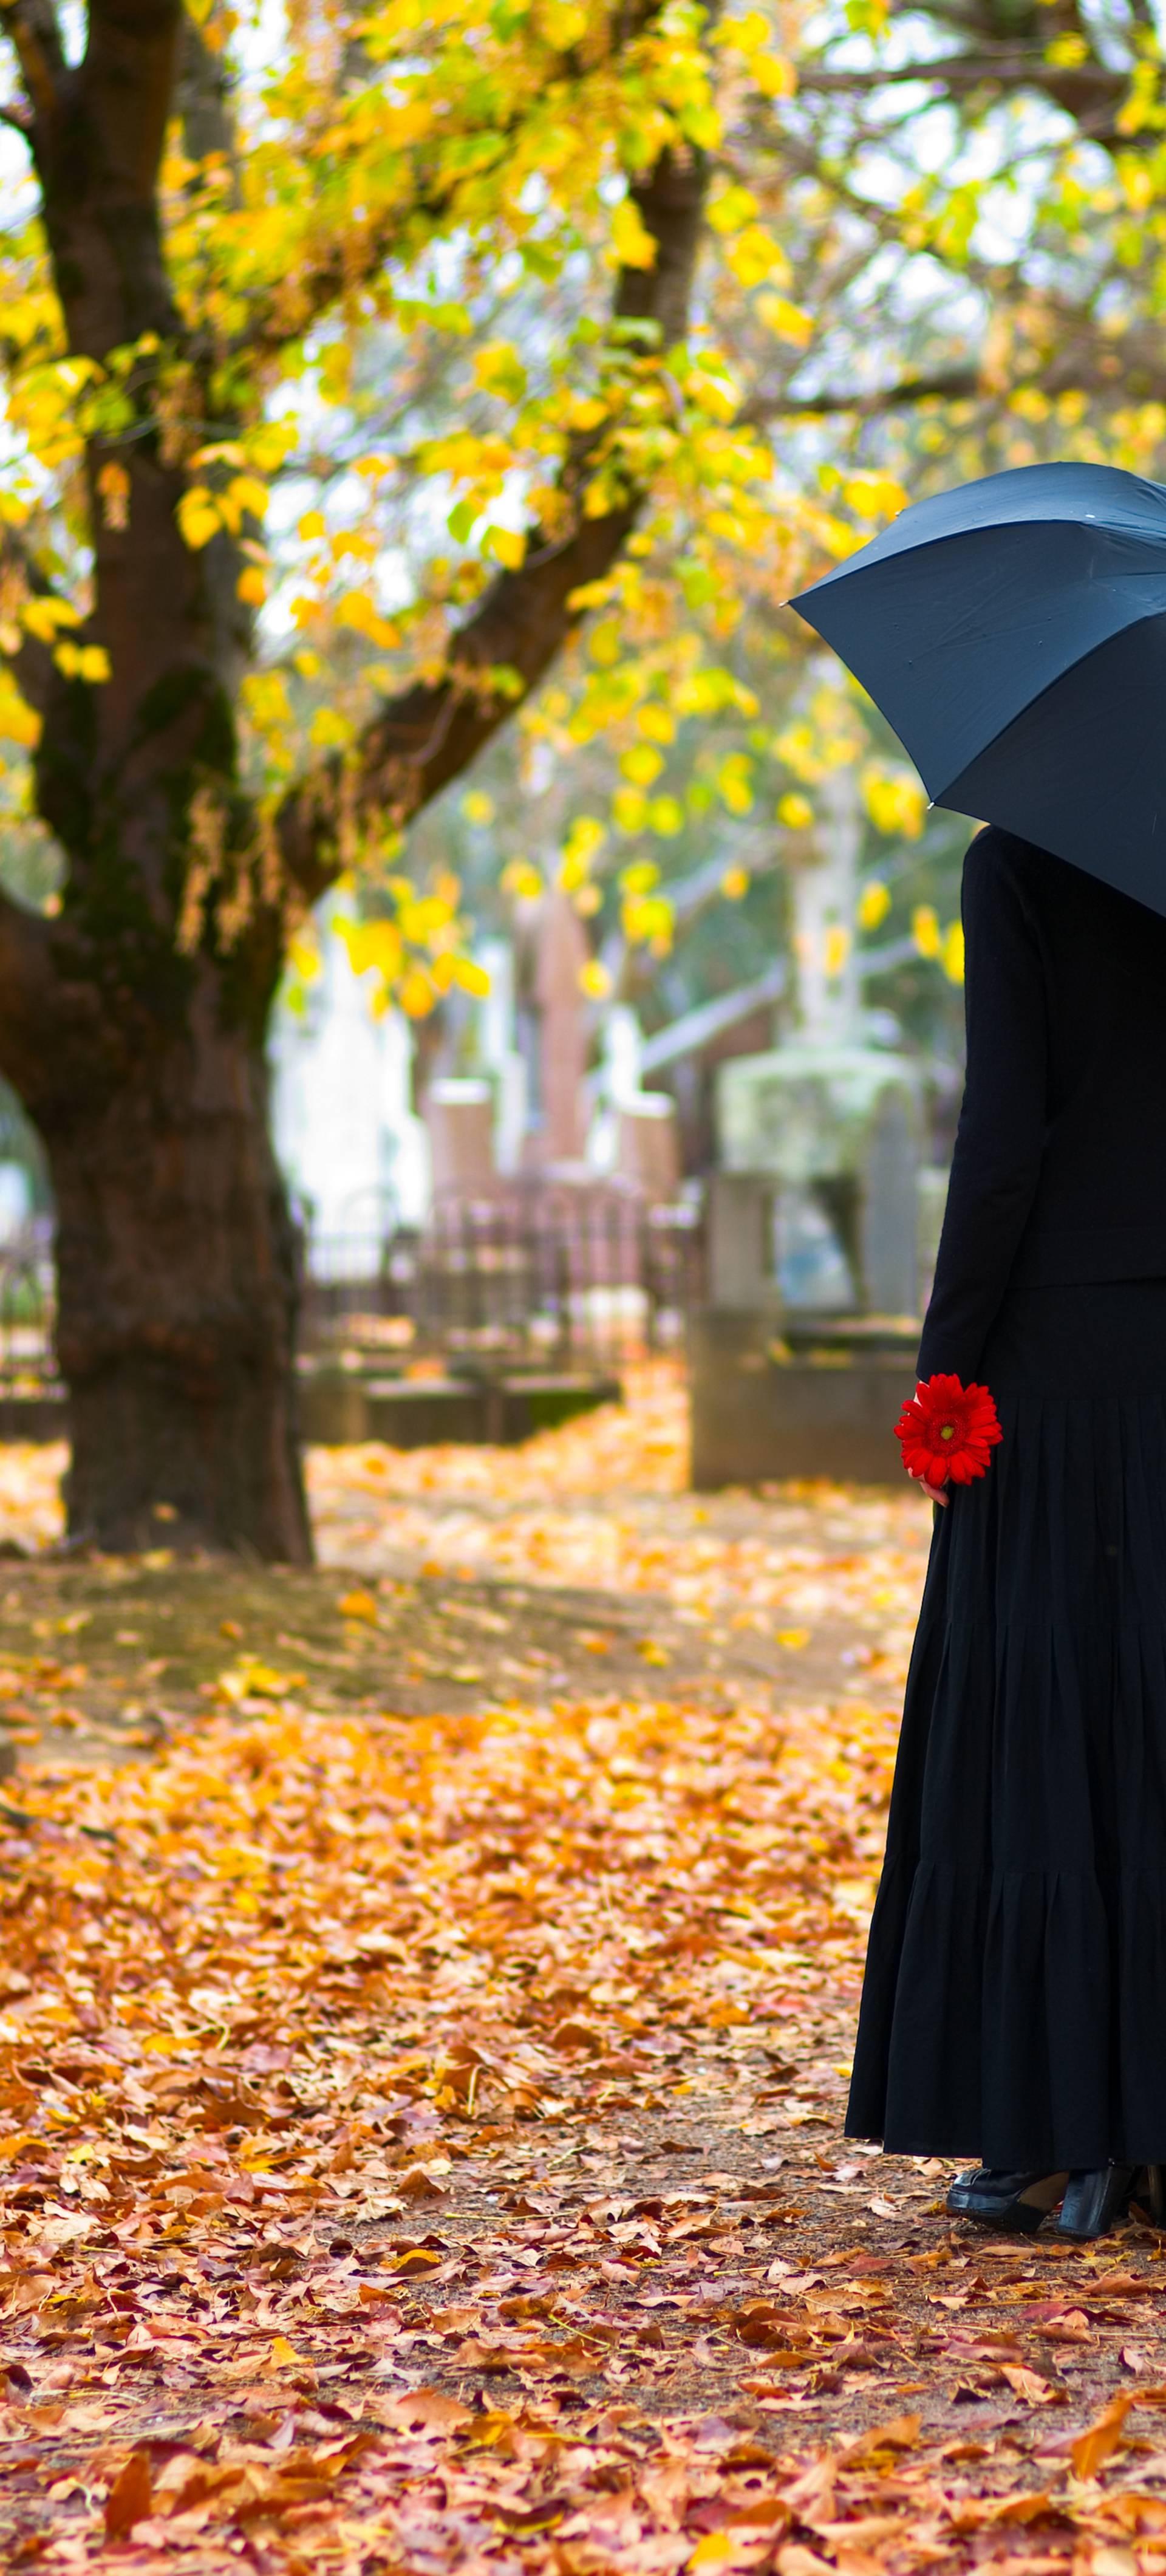 Tuga nakon smrti bliske osobe: Proživite je i ne držite je u sebi